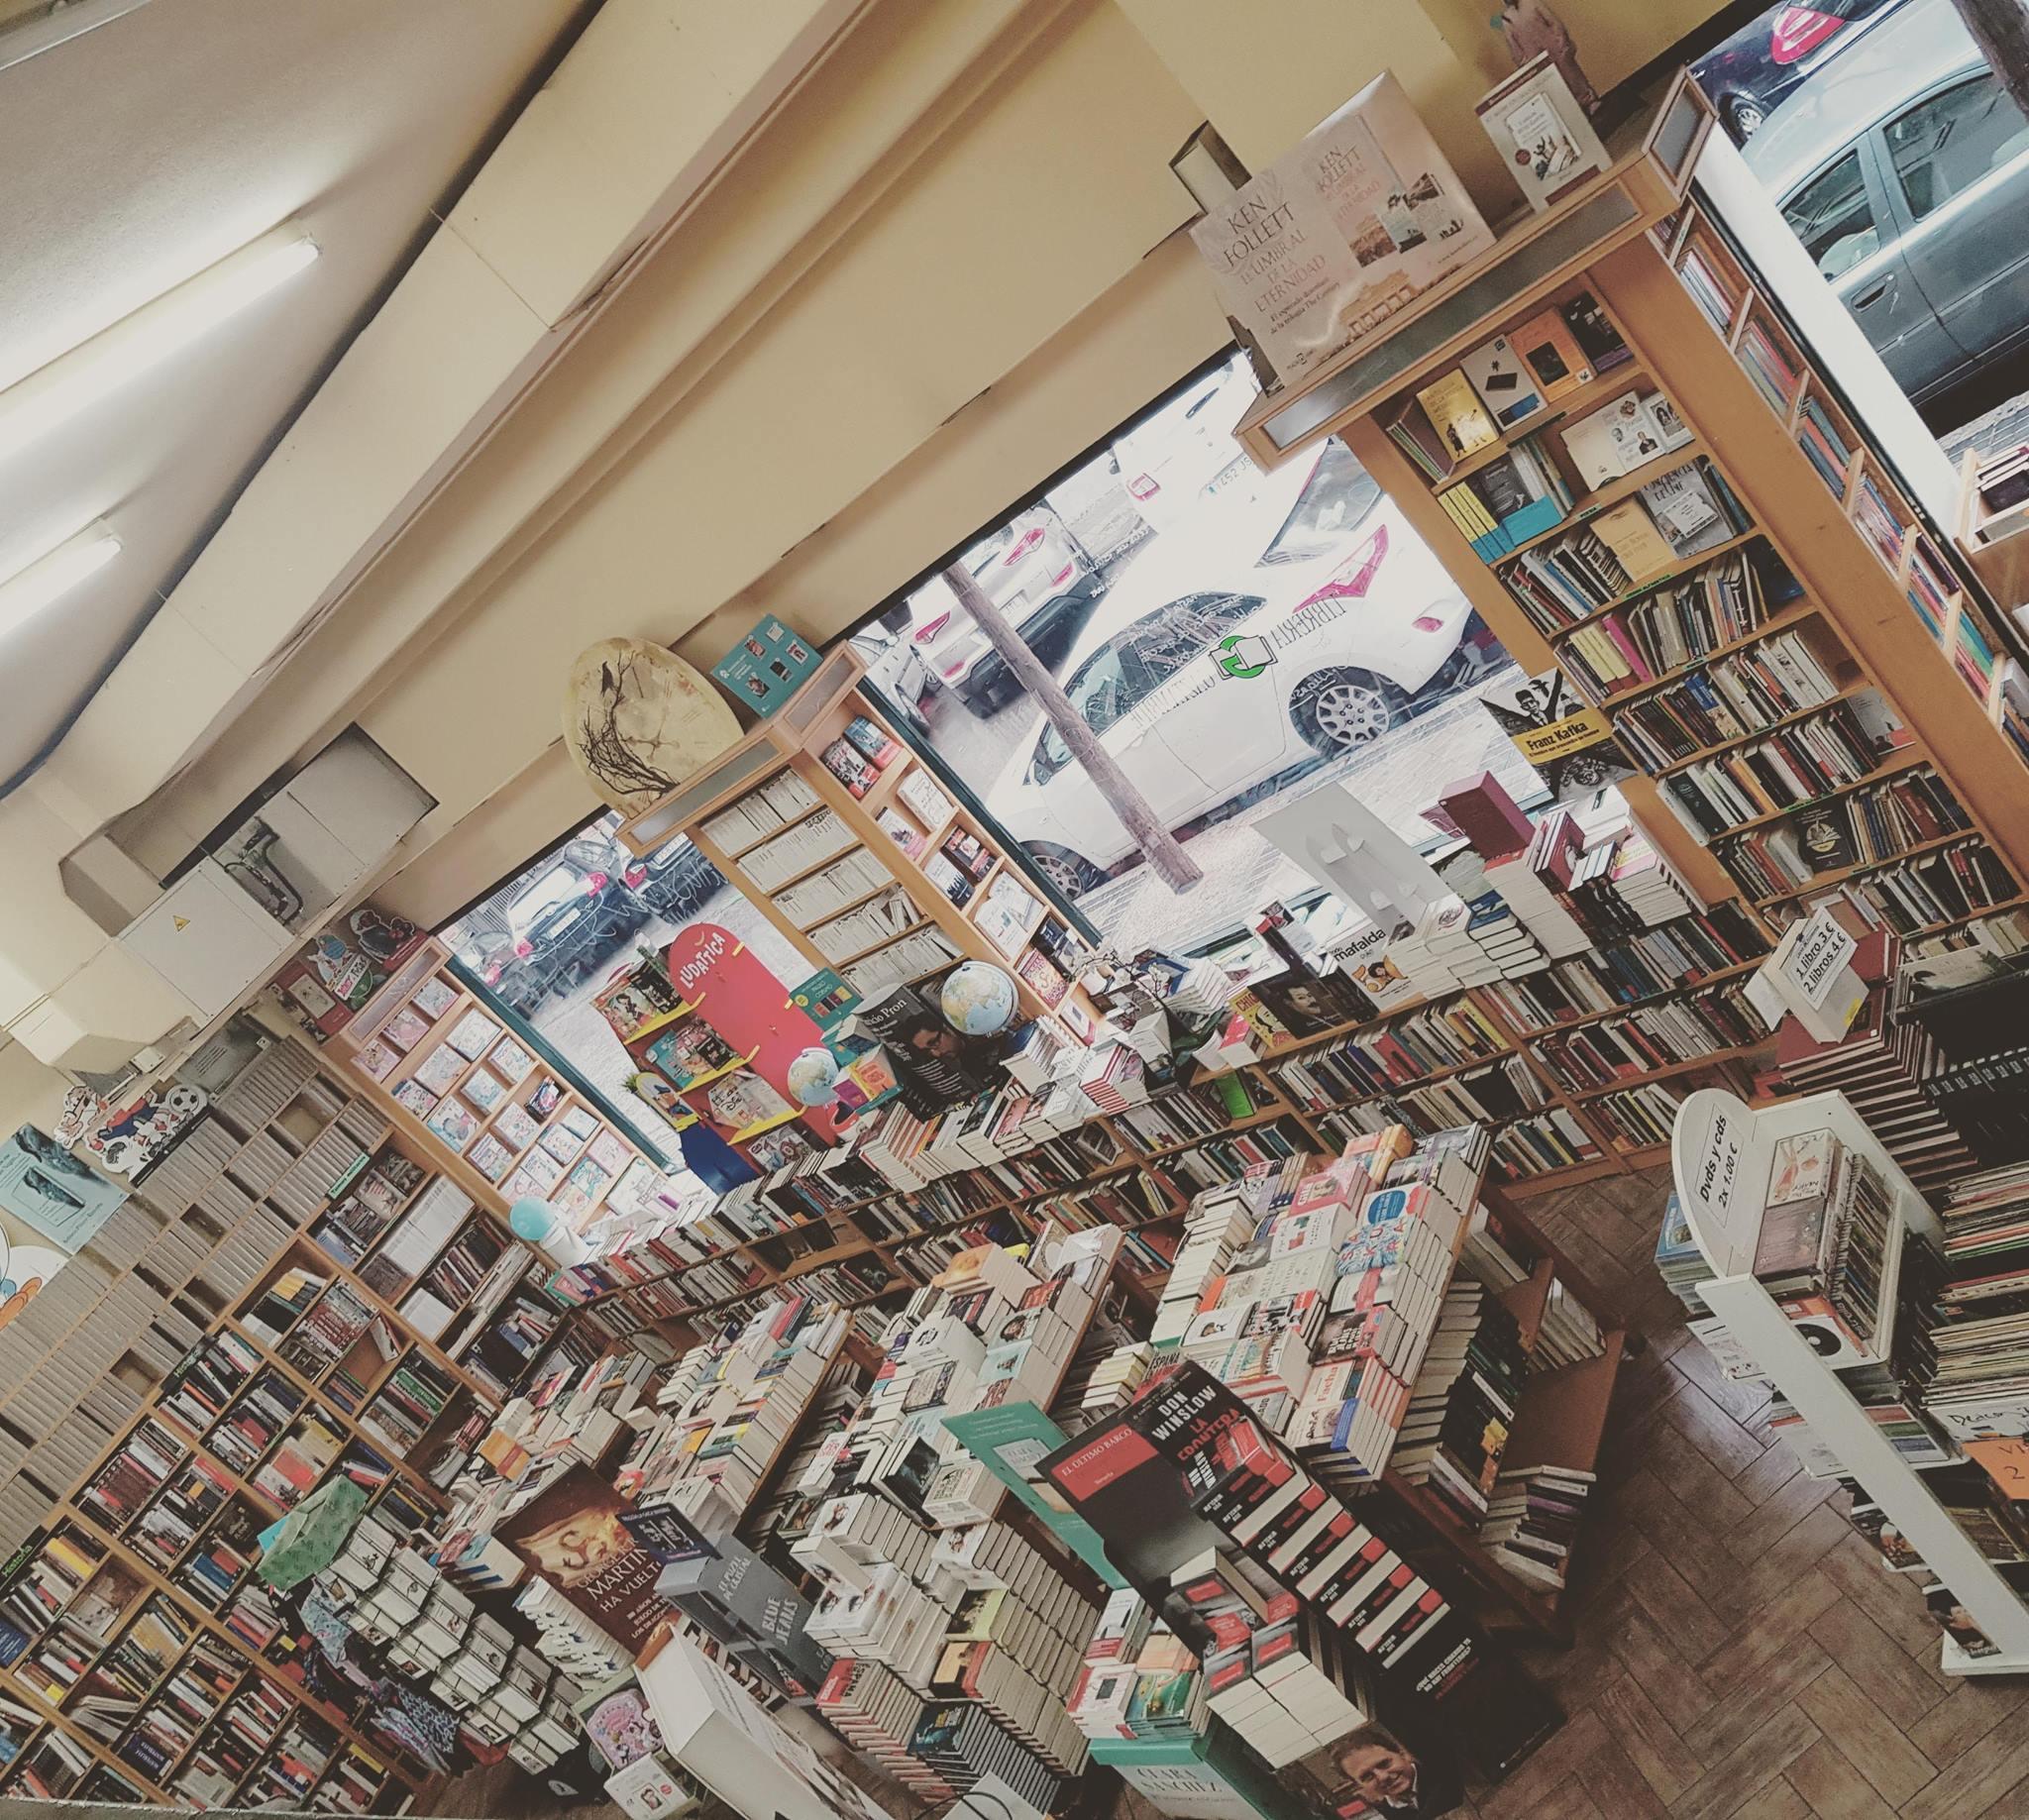 La Librería Gaztambide obtiene el Sello de Calidad